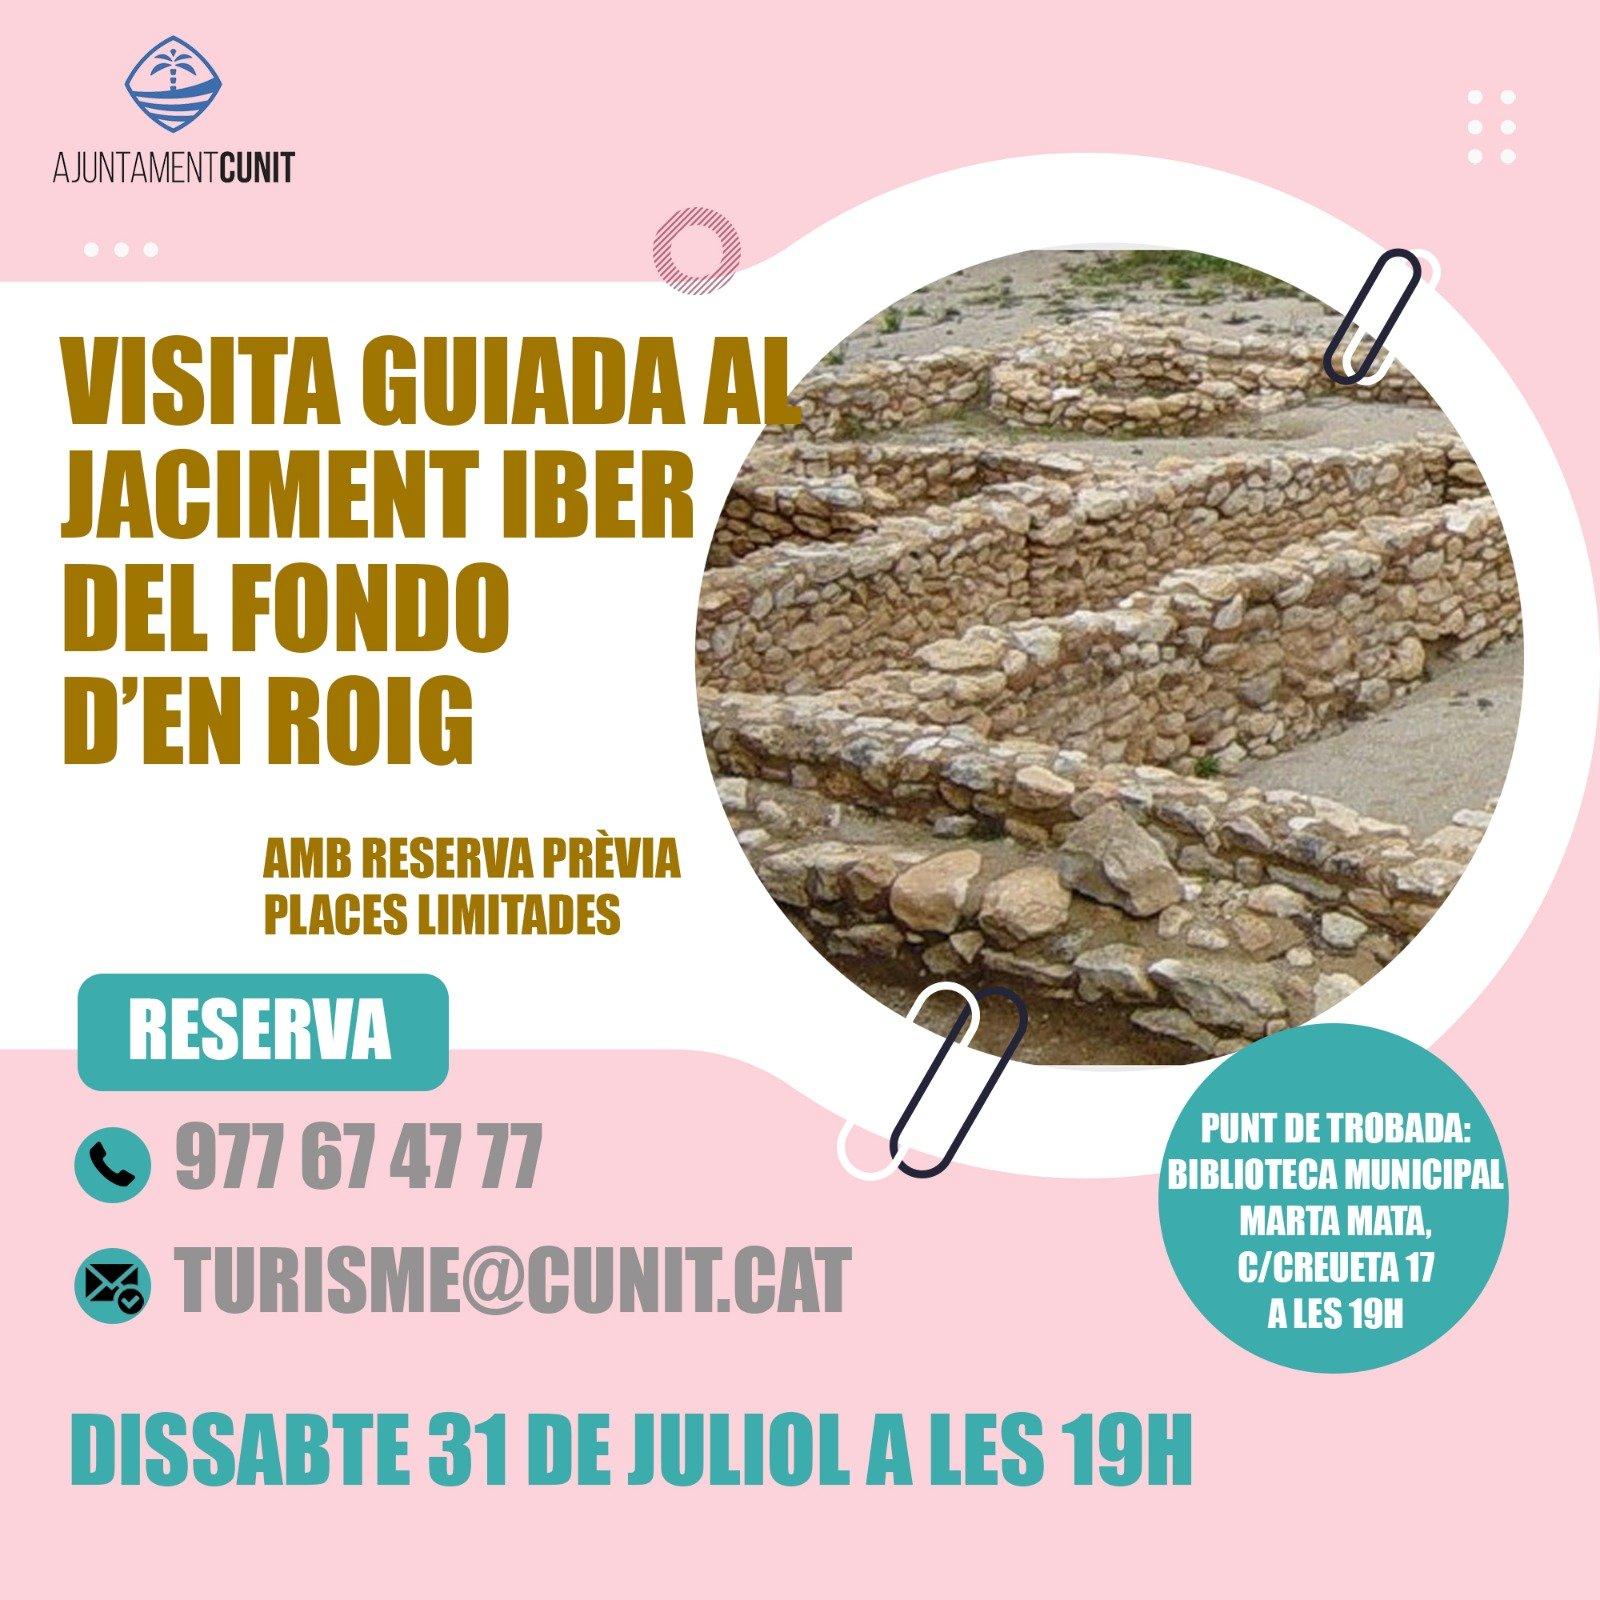 Visita guiada al jaciment iber del Fondo d'en Roig dissabte 31 de juliol